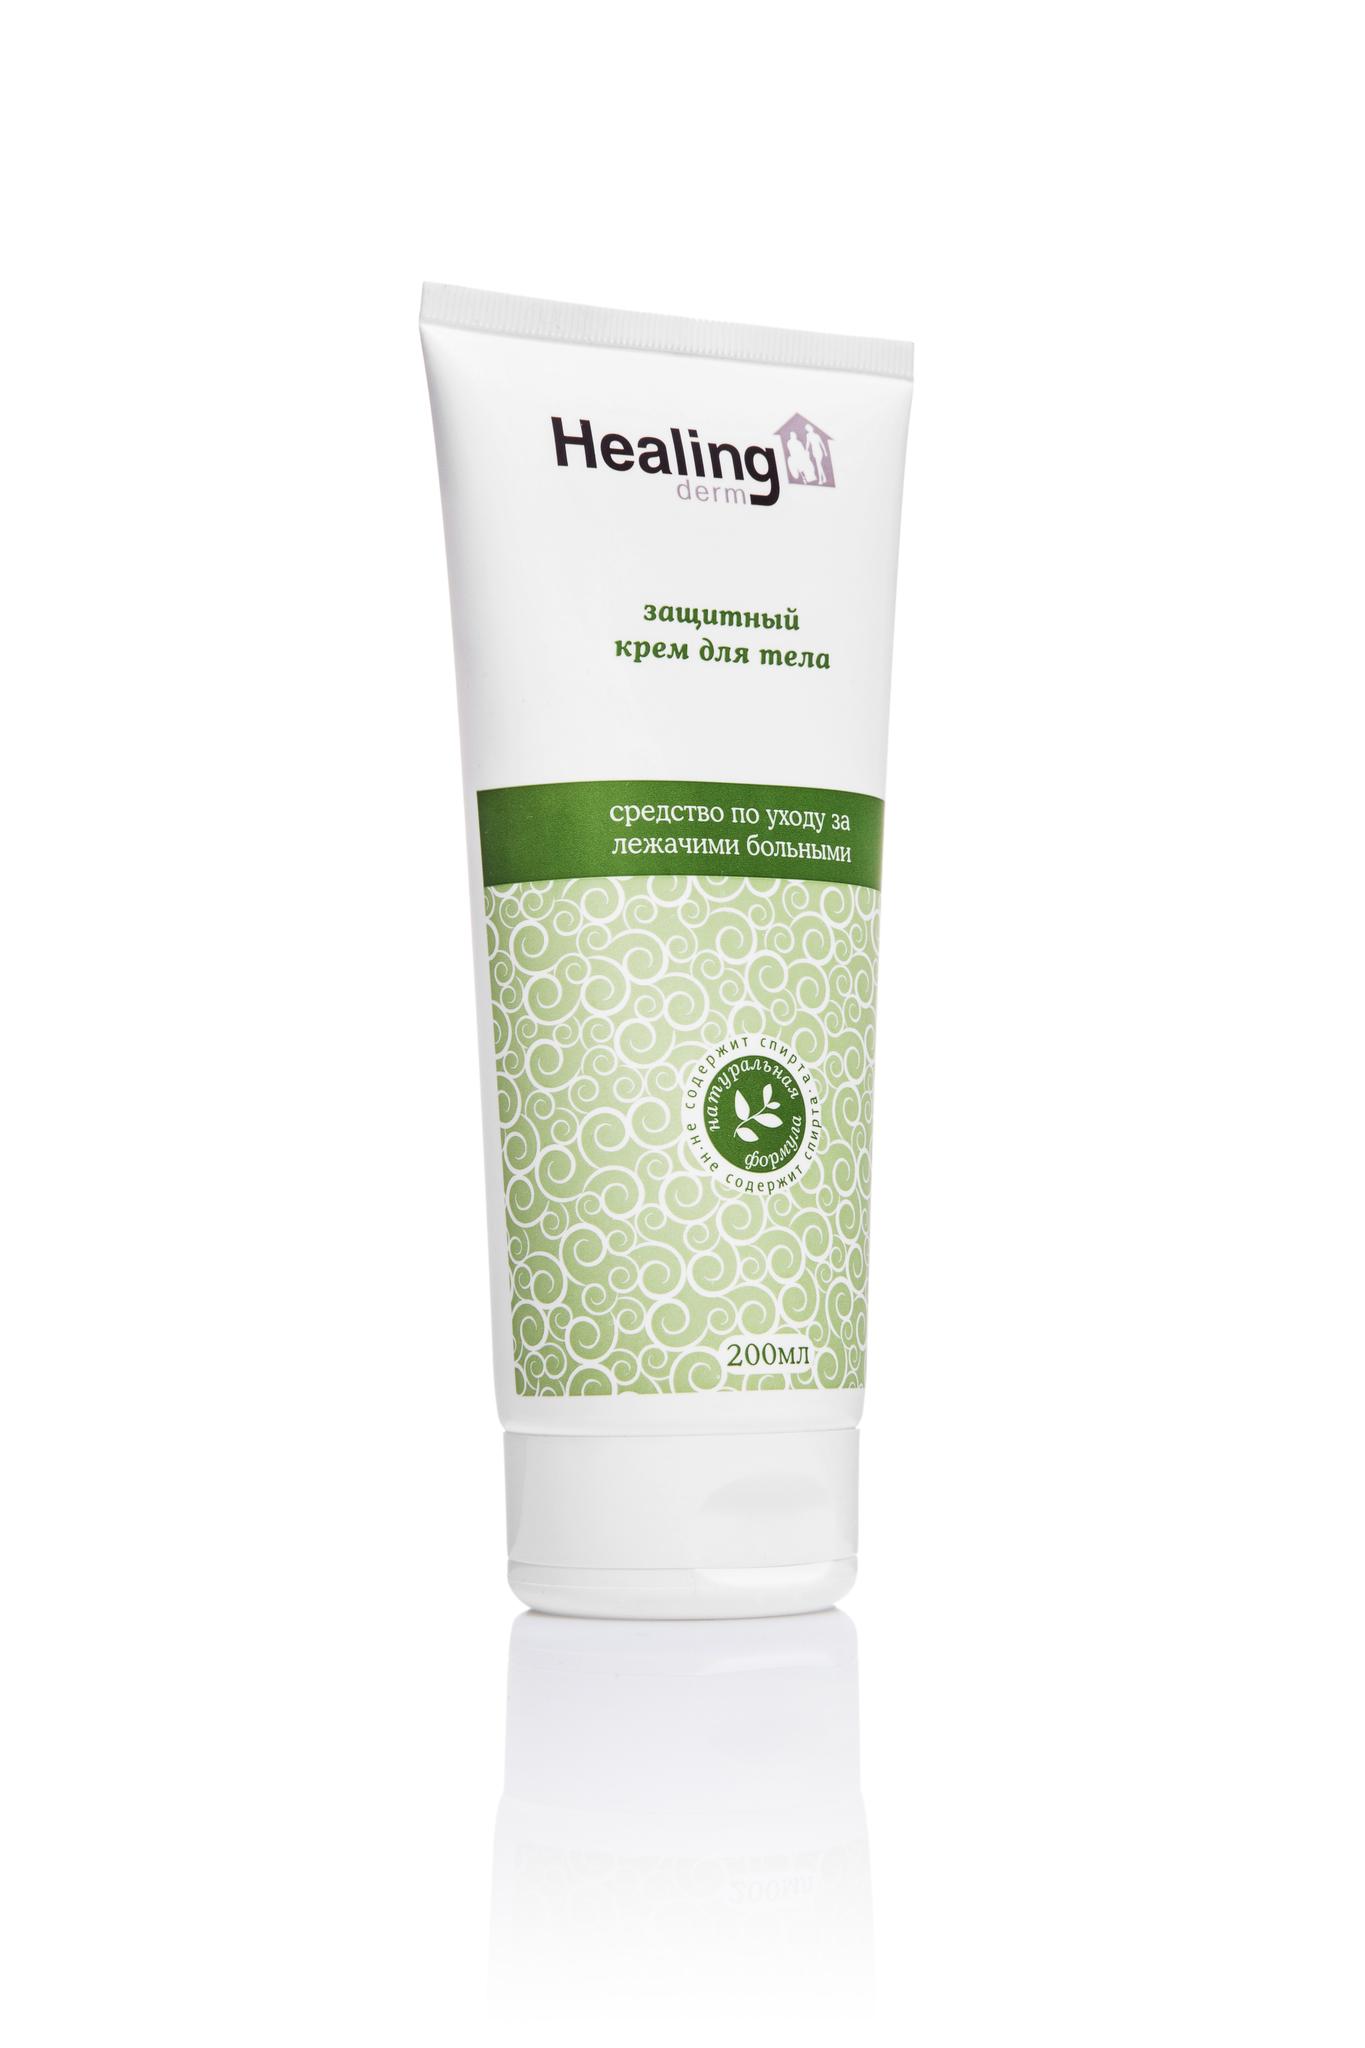 Healing derm защитный крем для тела 200 мл.